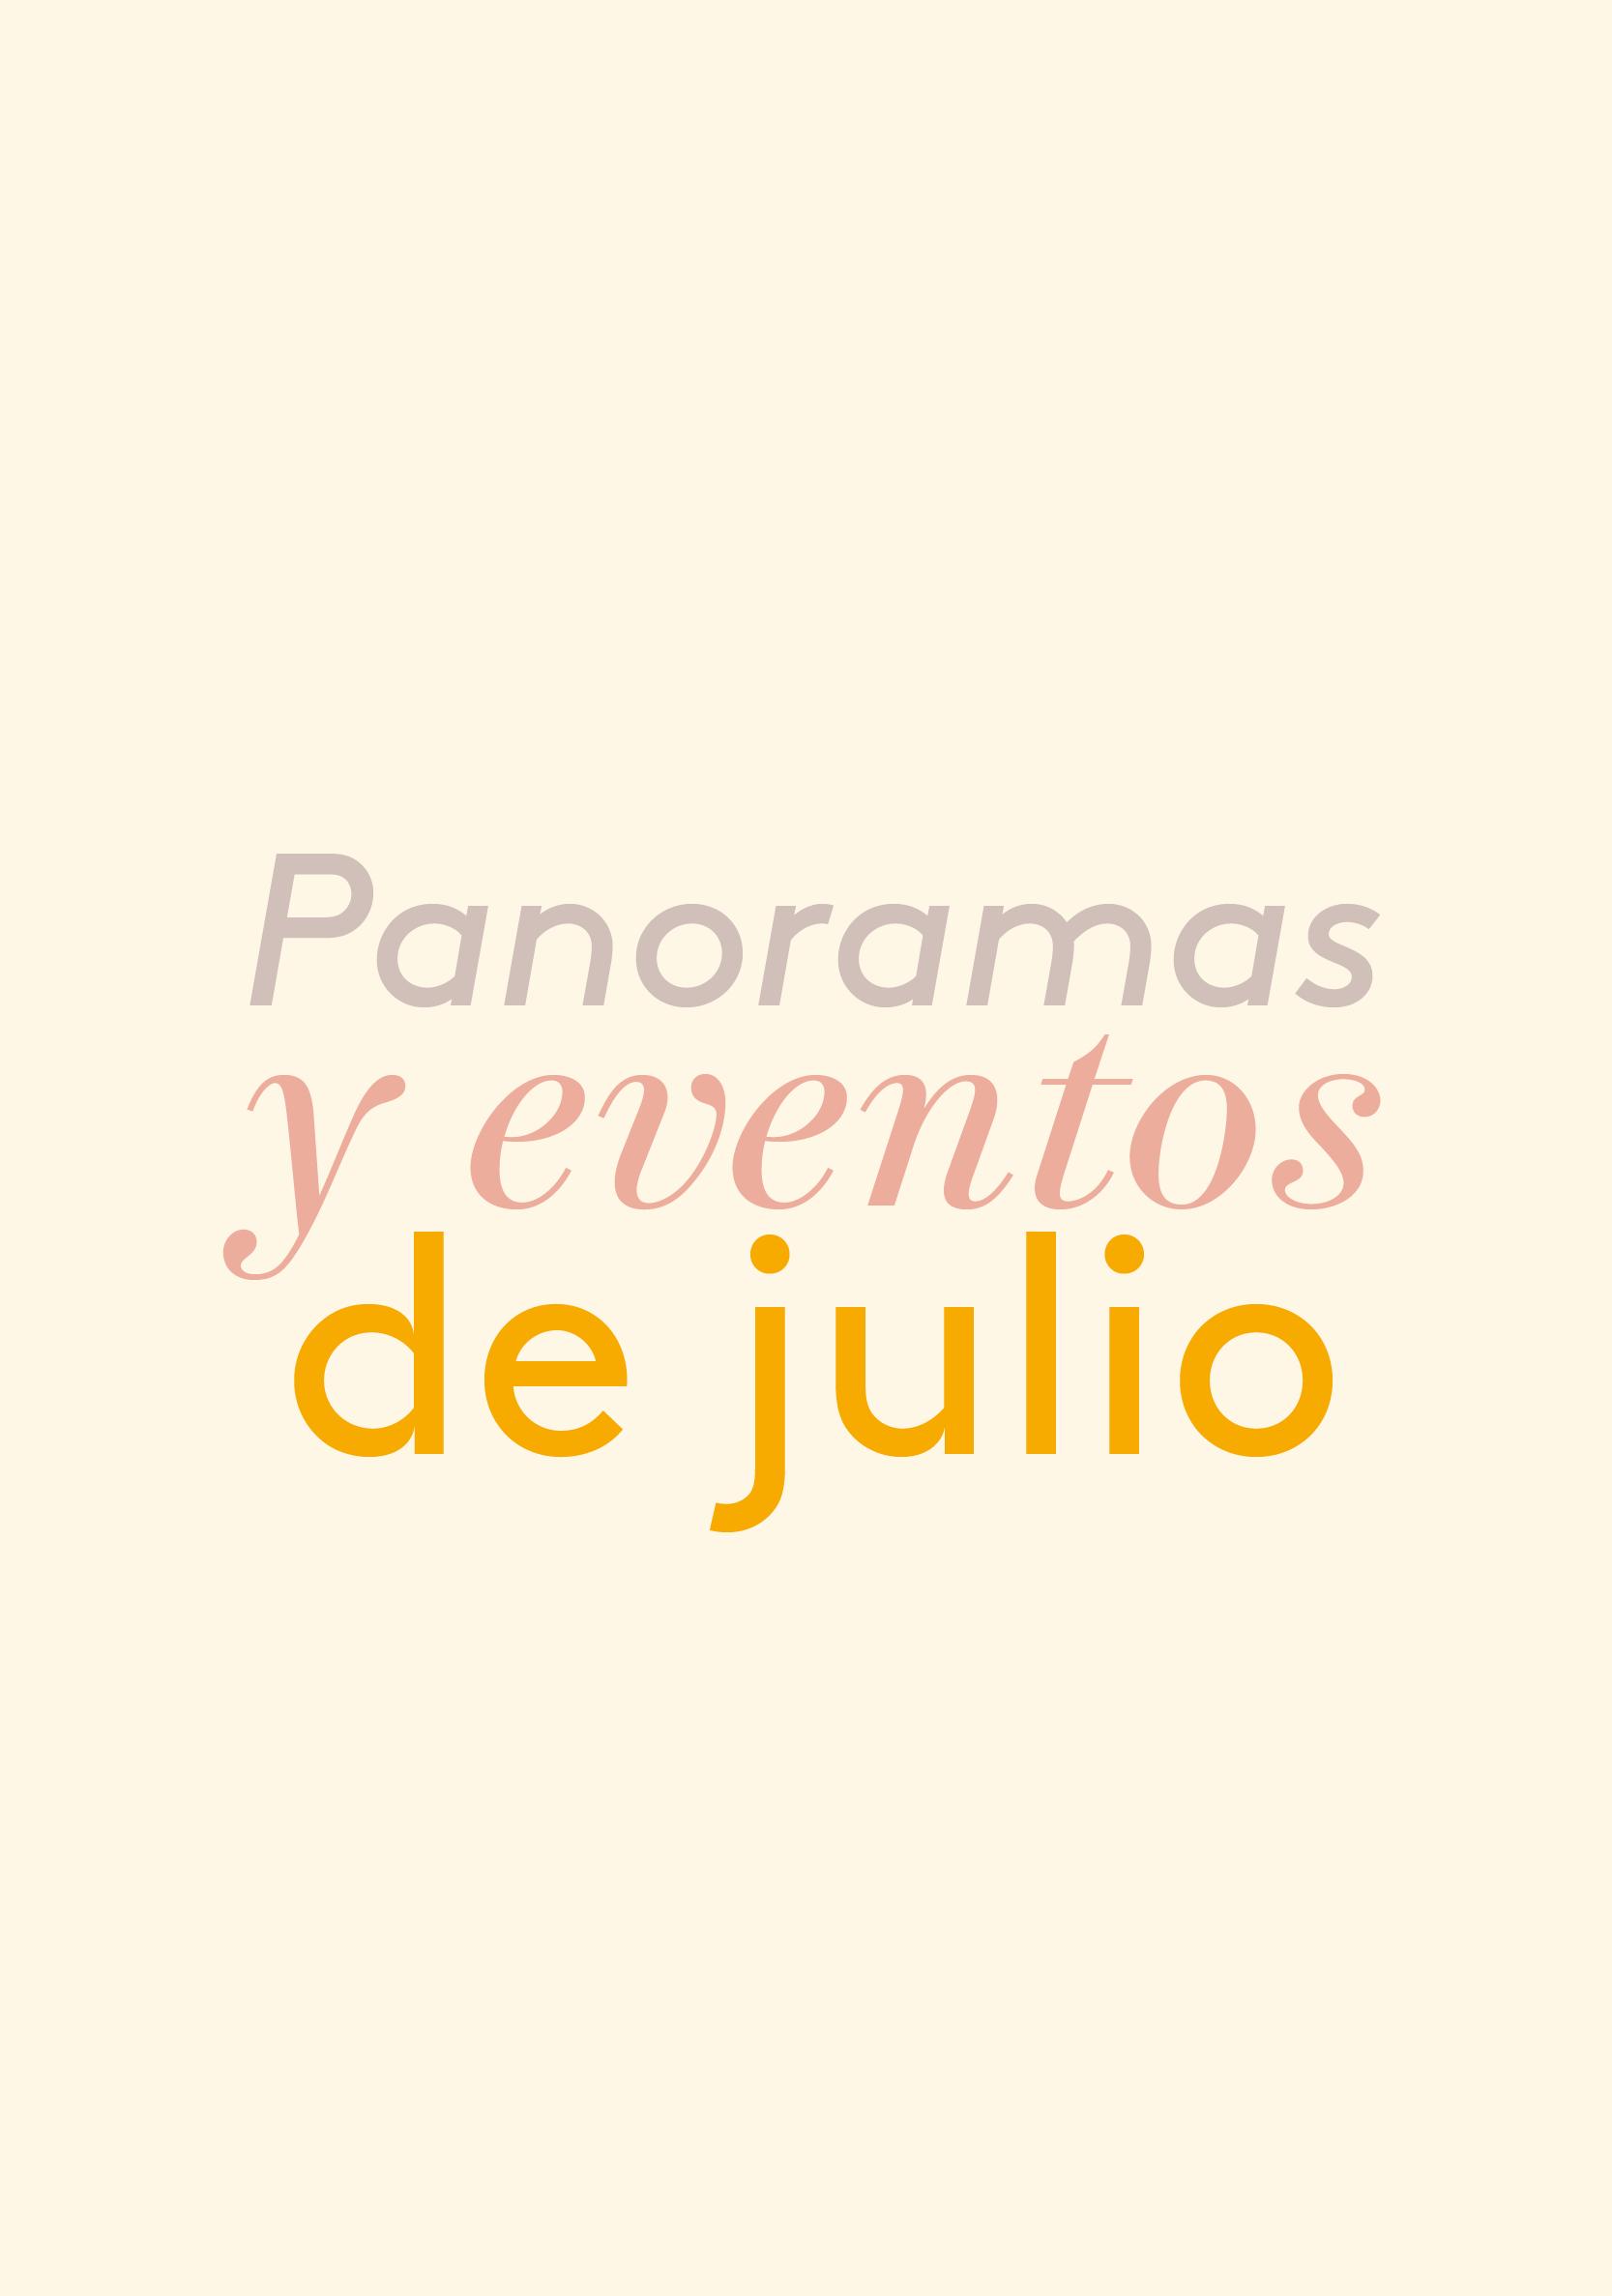 Julio 2019: eclipse, encuentros circulares y cine sobre derecho animal